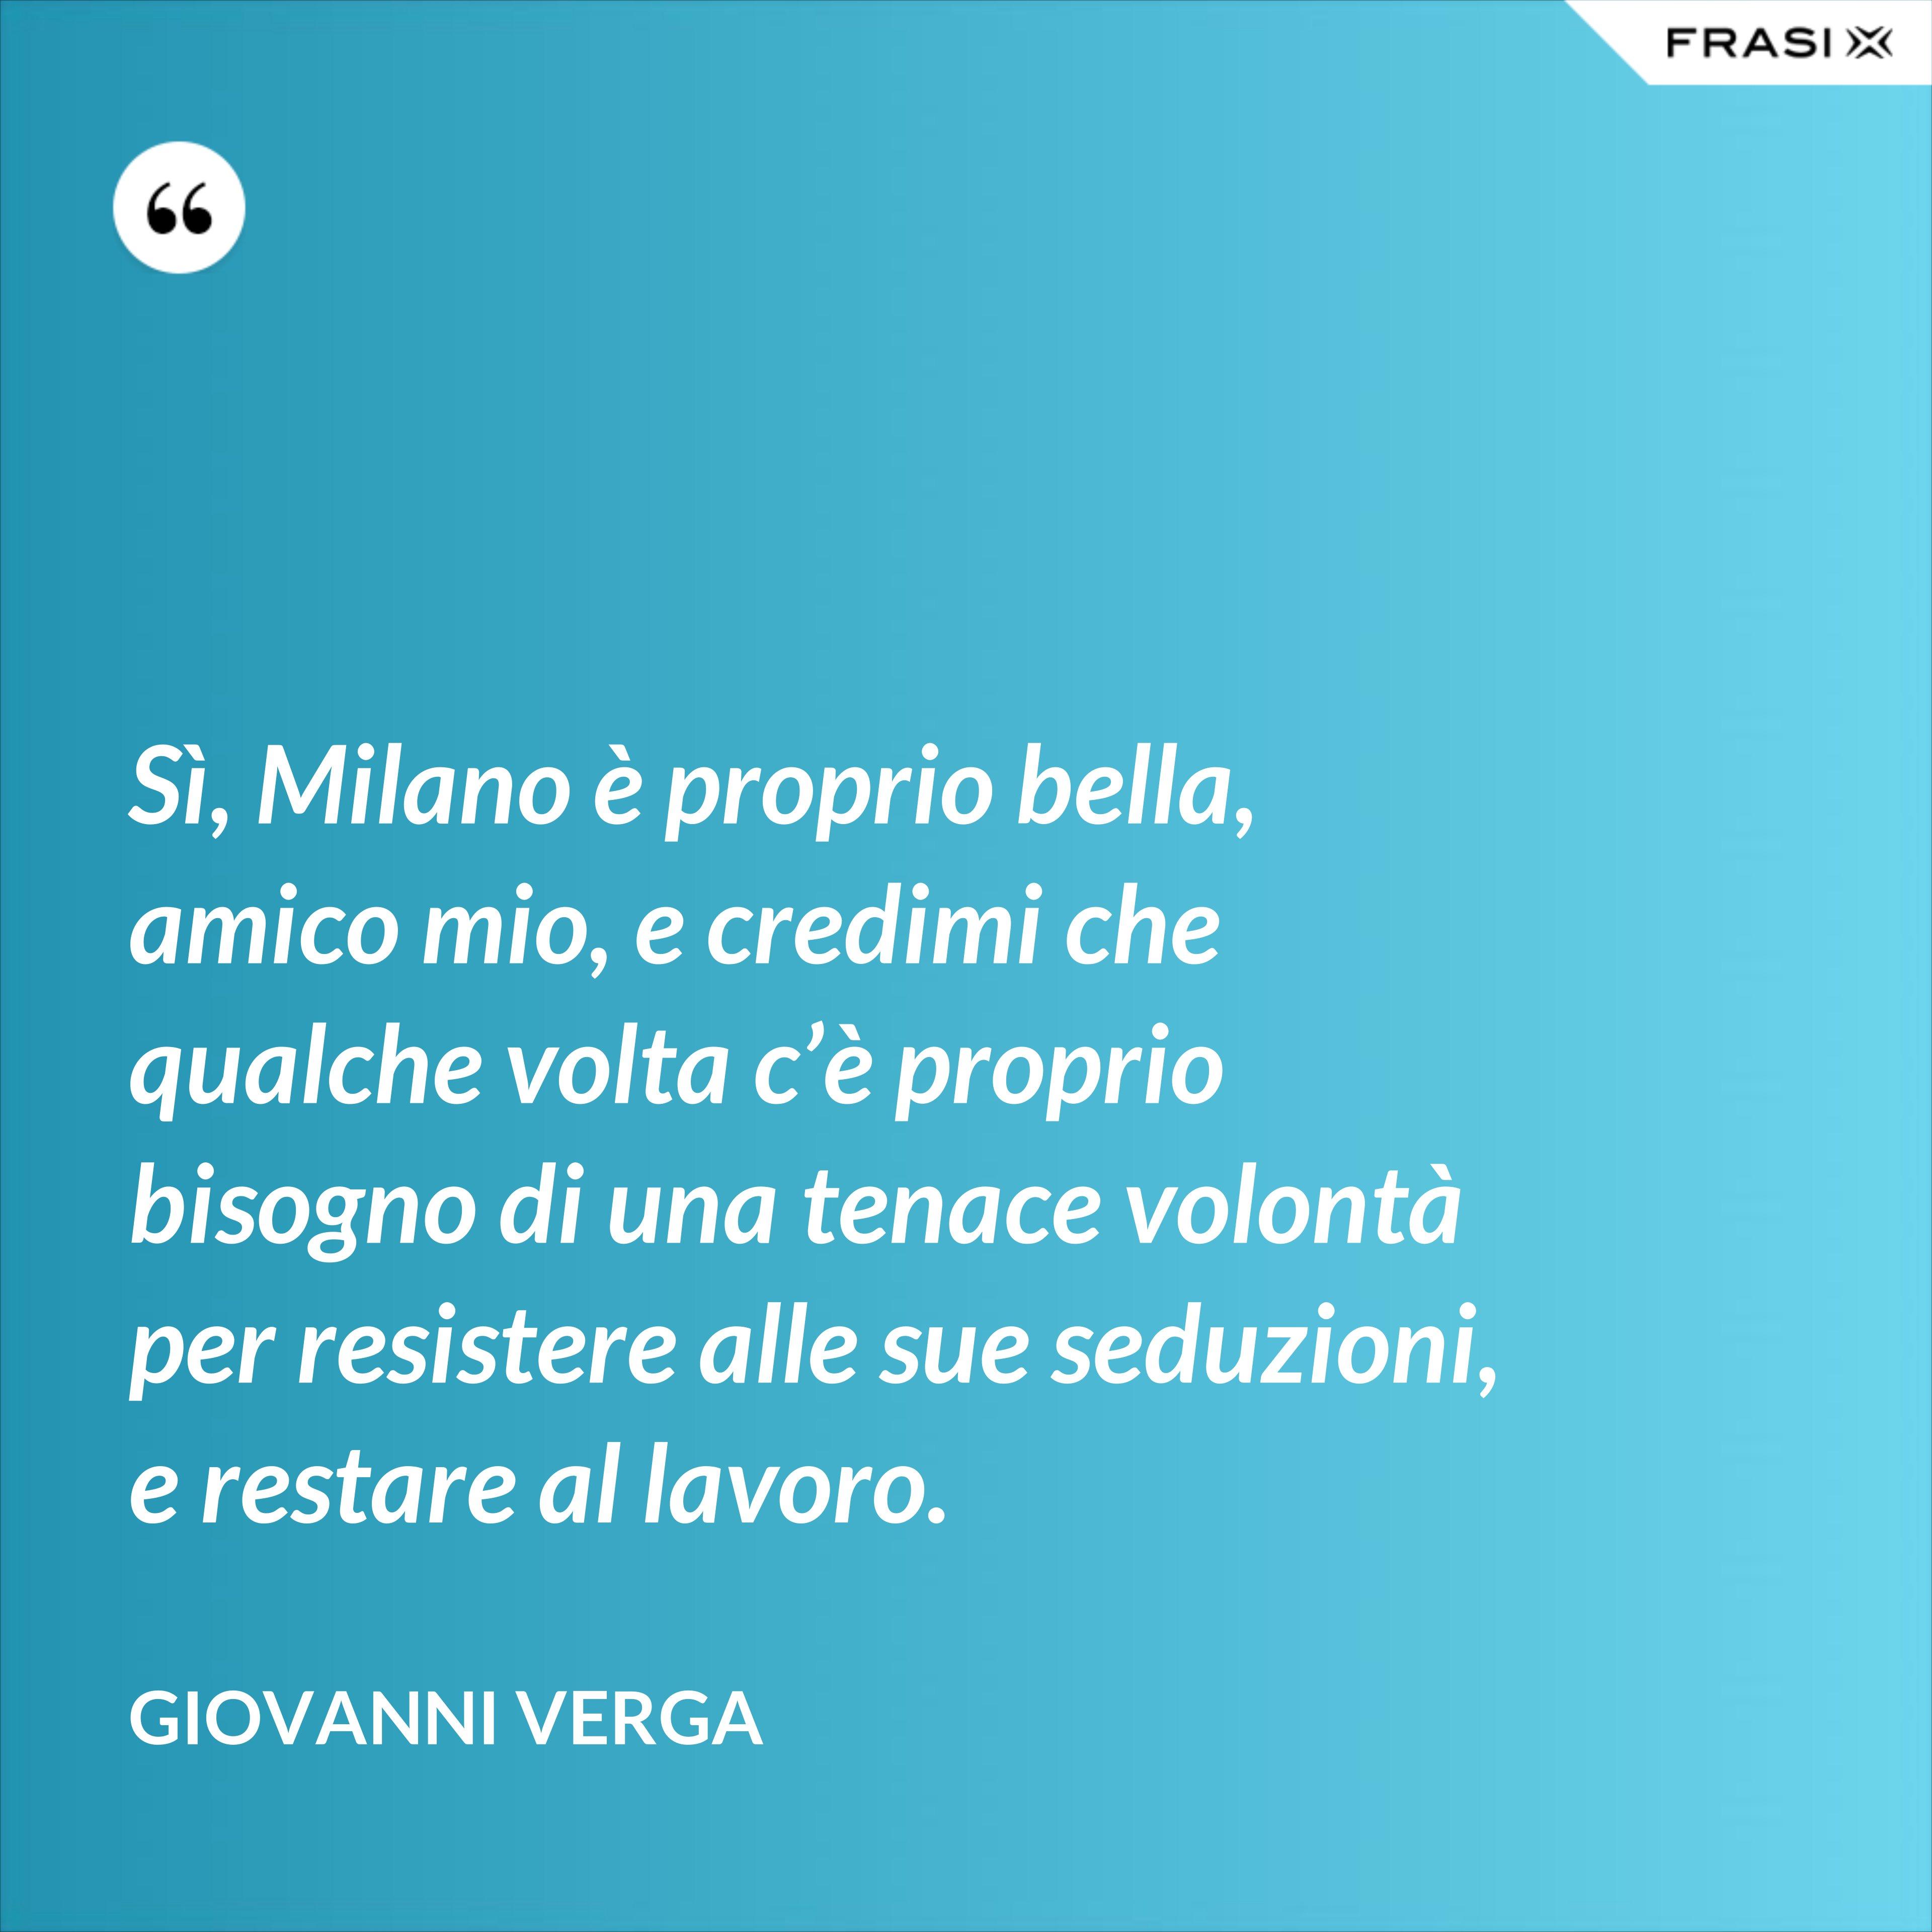 Sì, Milano è proprio bella, amico mio, e credimi che qualche volta c'è proprio bisogno di una tenace volontà per resistere alle sue seduzioni, e restare al lavoro. - Giovanni Verga